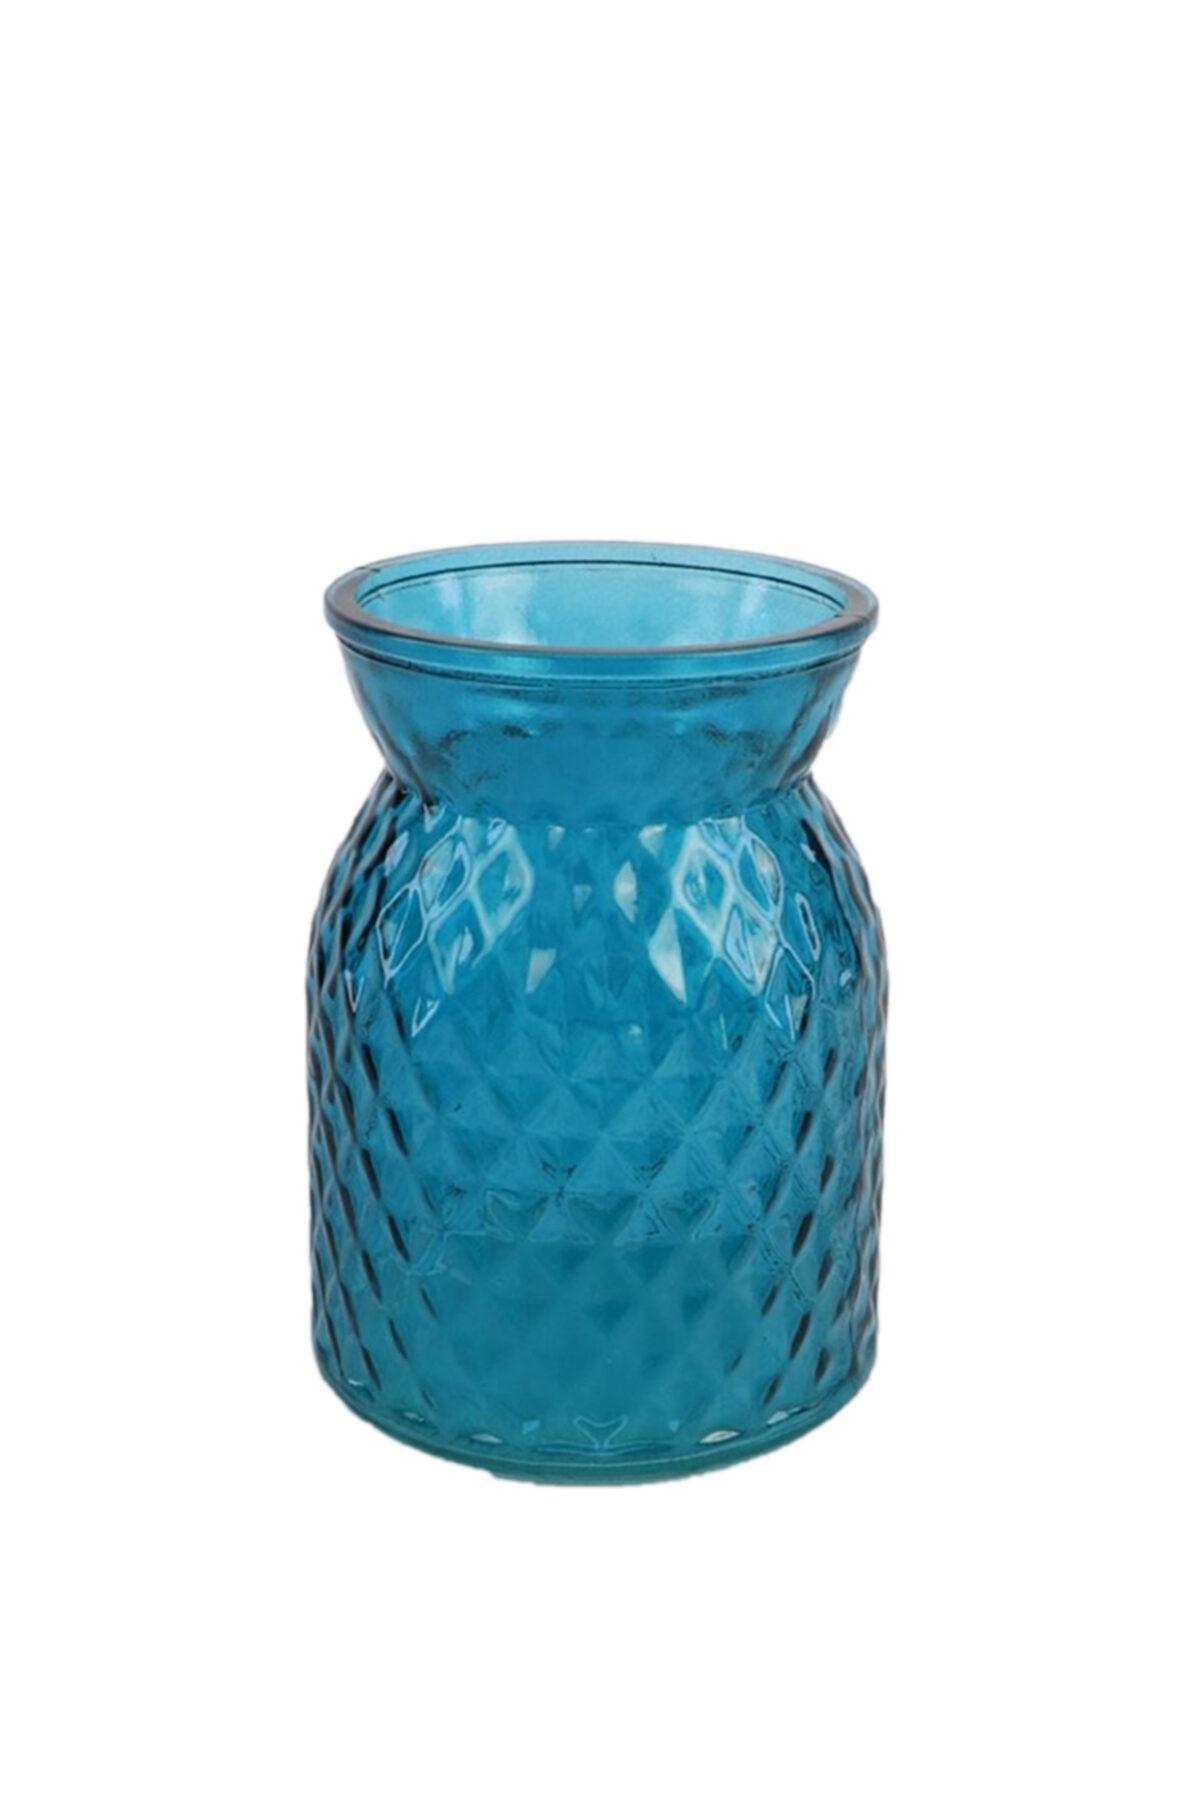 Vaso portafiori - portacandele in vetro blu d. 10 cm h. 13 cm